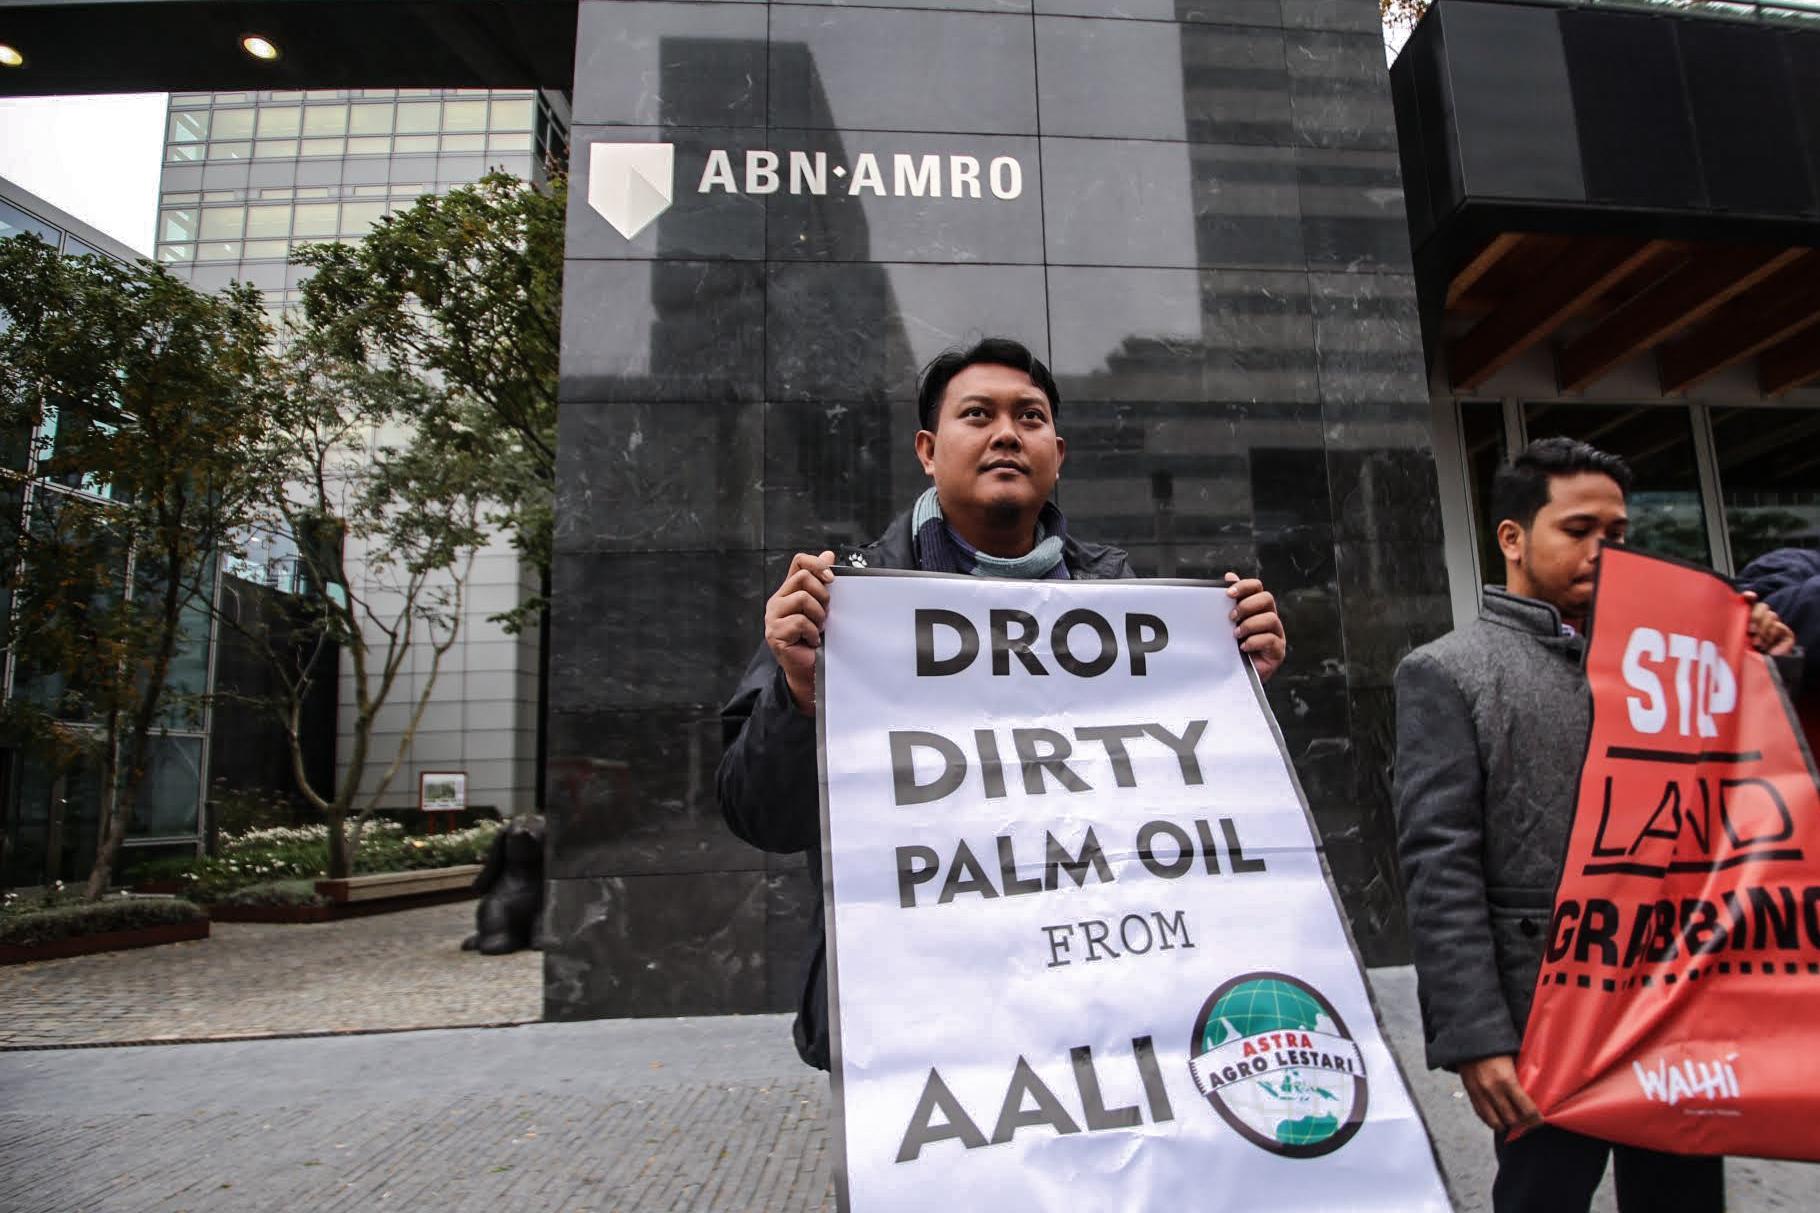 Liberiaanse en Indonesische palmoliegedupeerden halen verhaal bij ABN AMRO